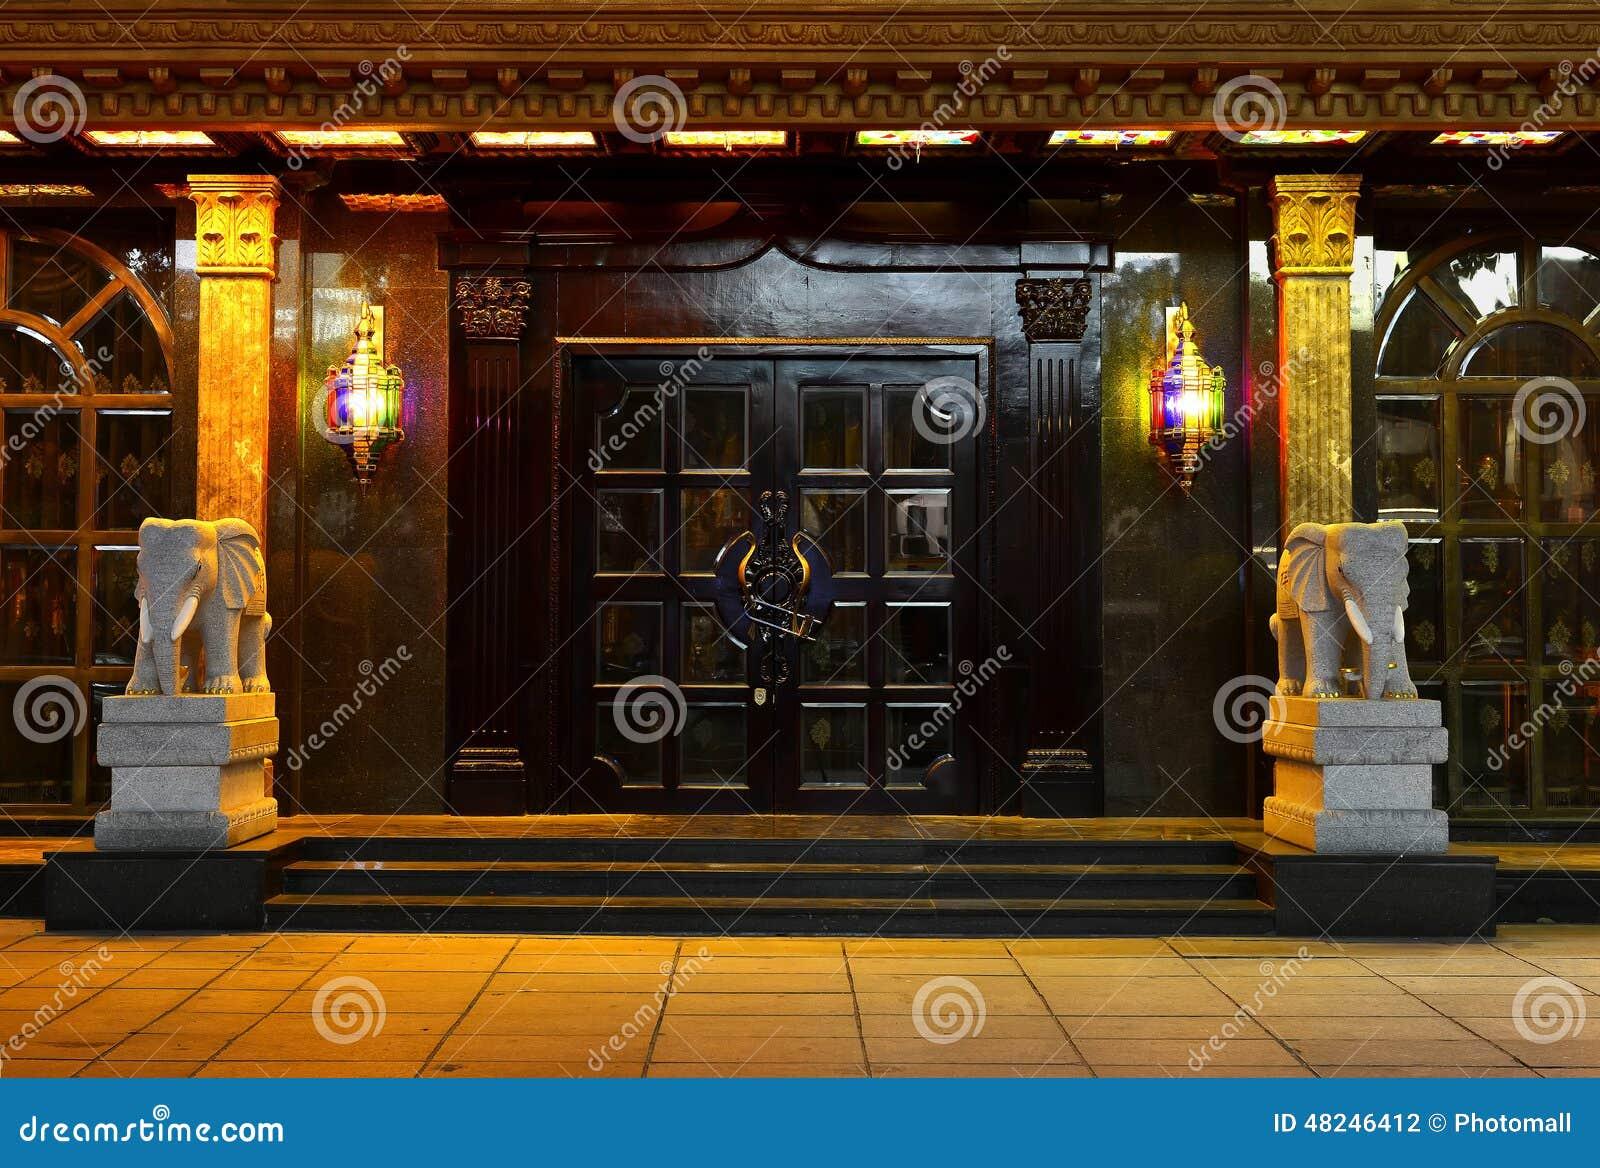 Villapoort, de lamp van de kristalmuur, kunstverlichting, deur, poort, deuropening, ingang